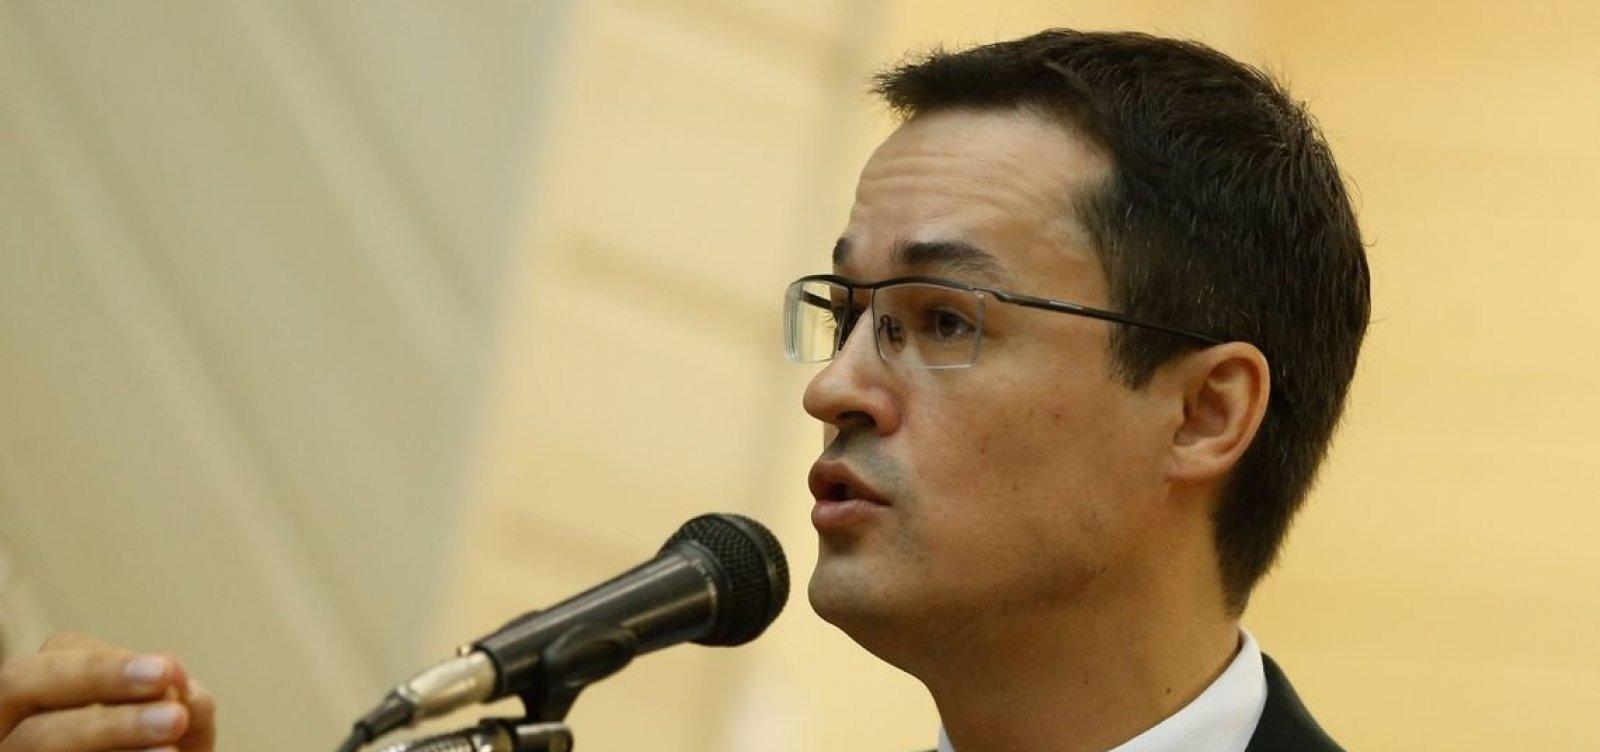 [Deltan diz que Congresso, STF e Bolsonaro ameaçam o combate à corrupção]